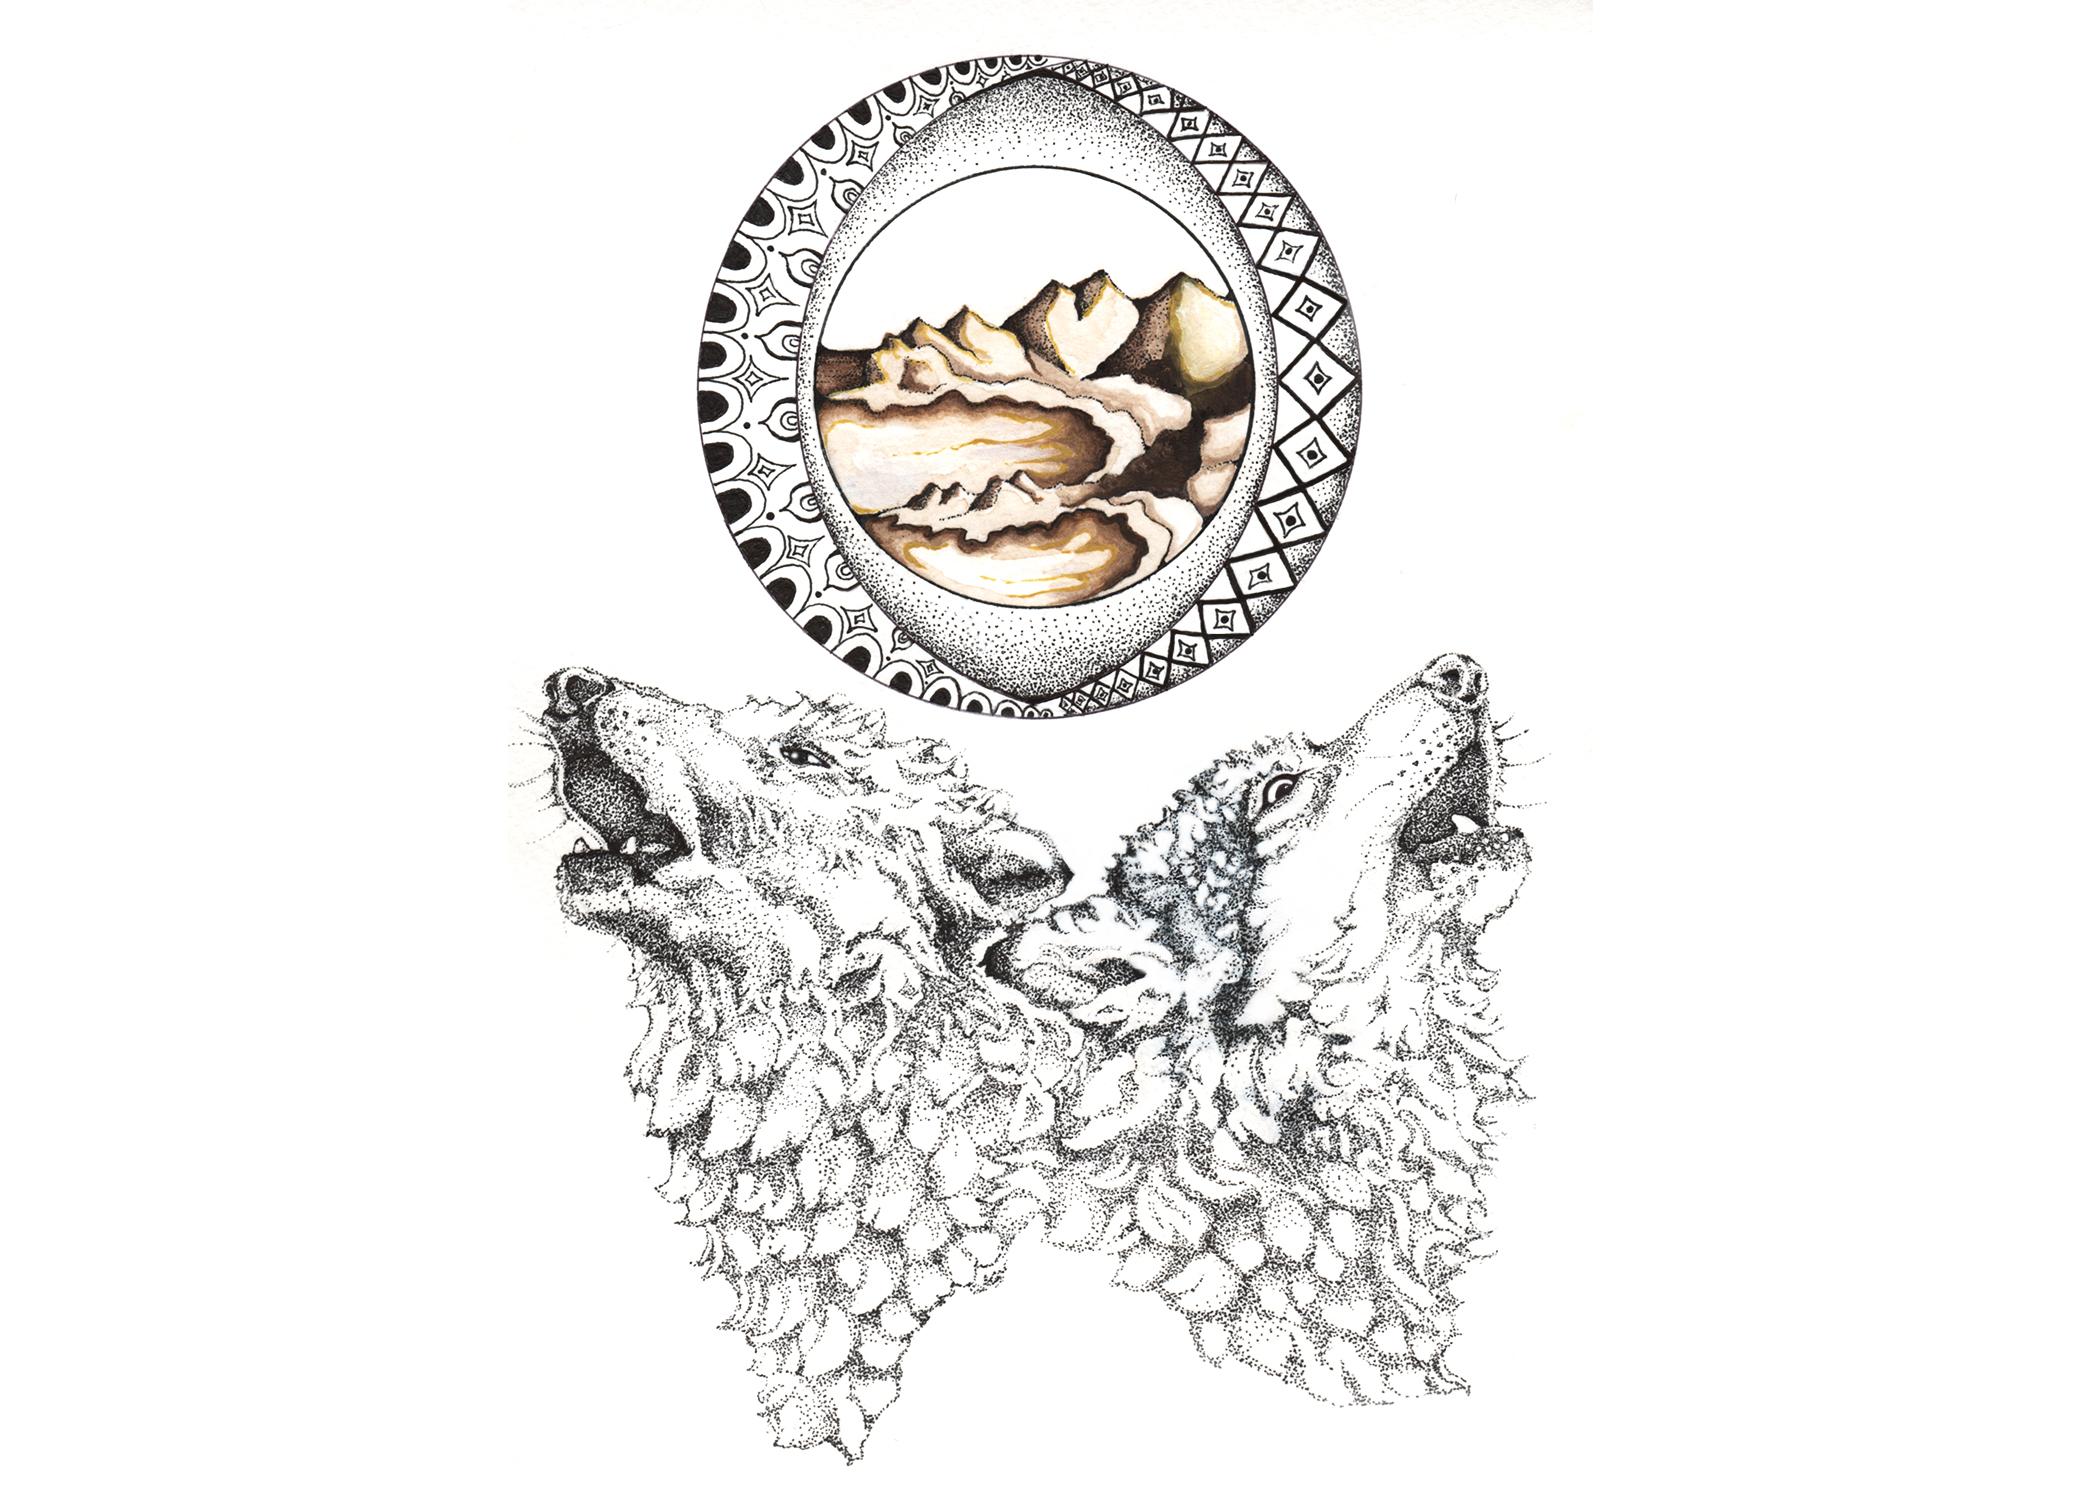 Howlingmoonwolves.jpg